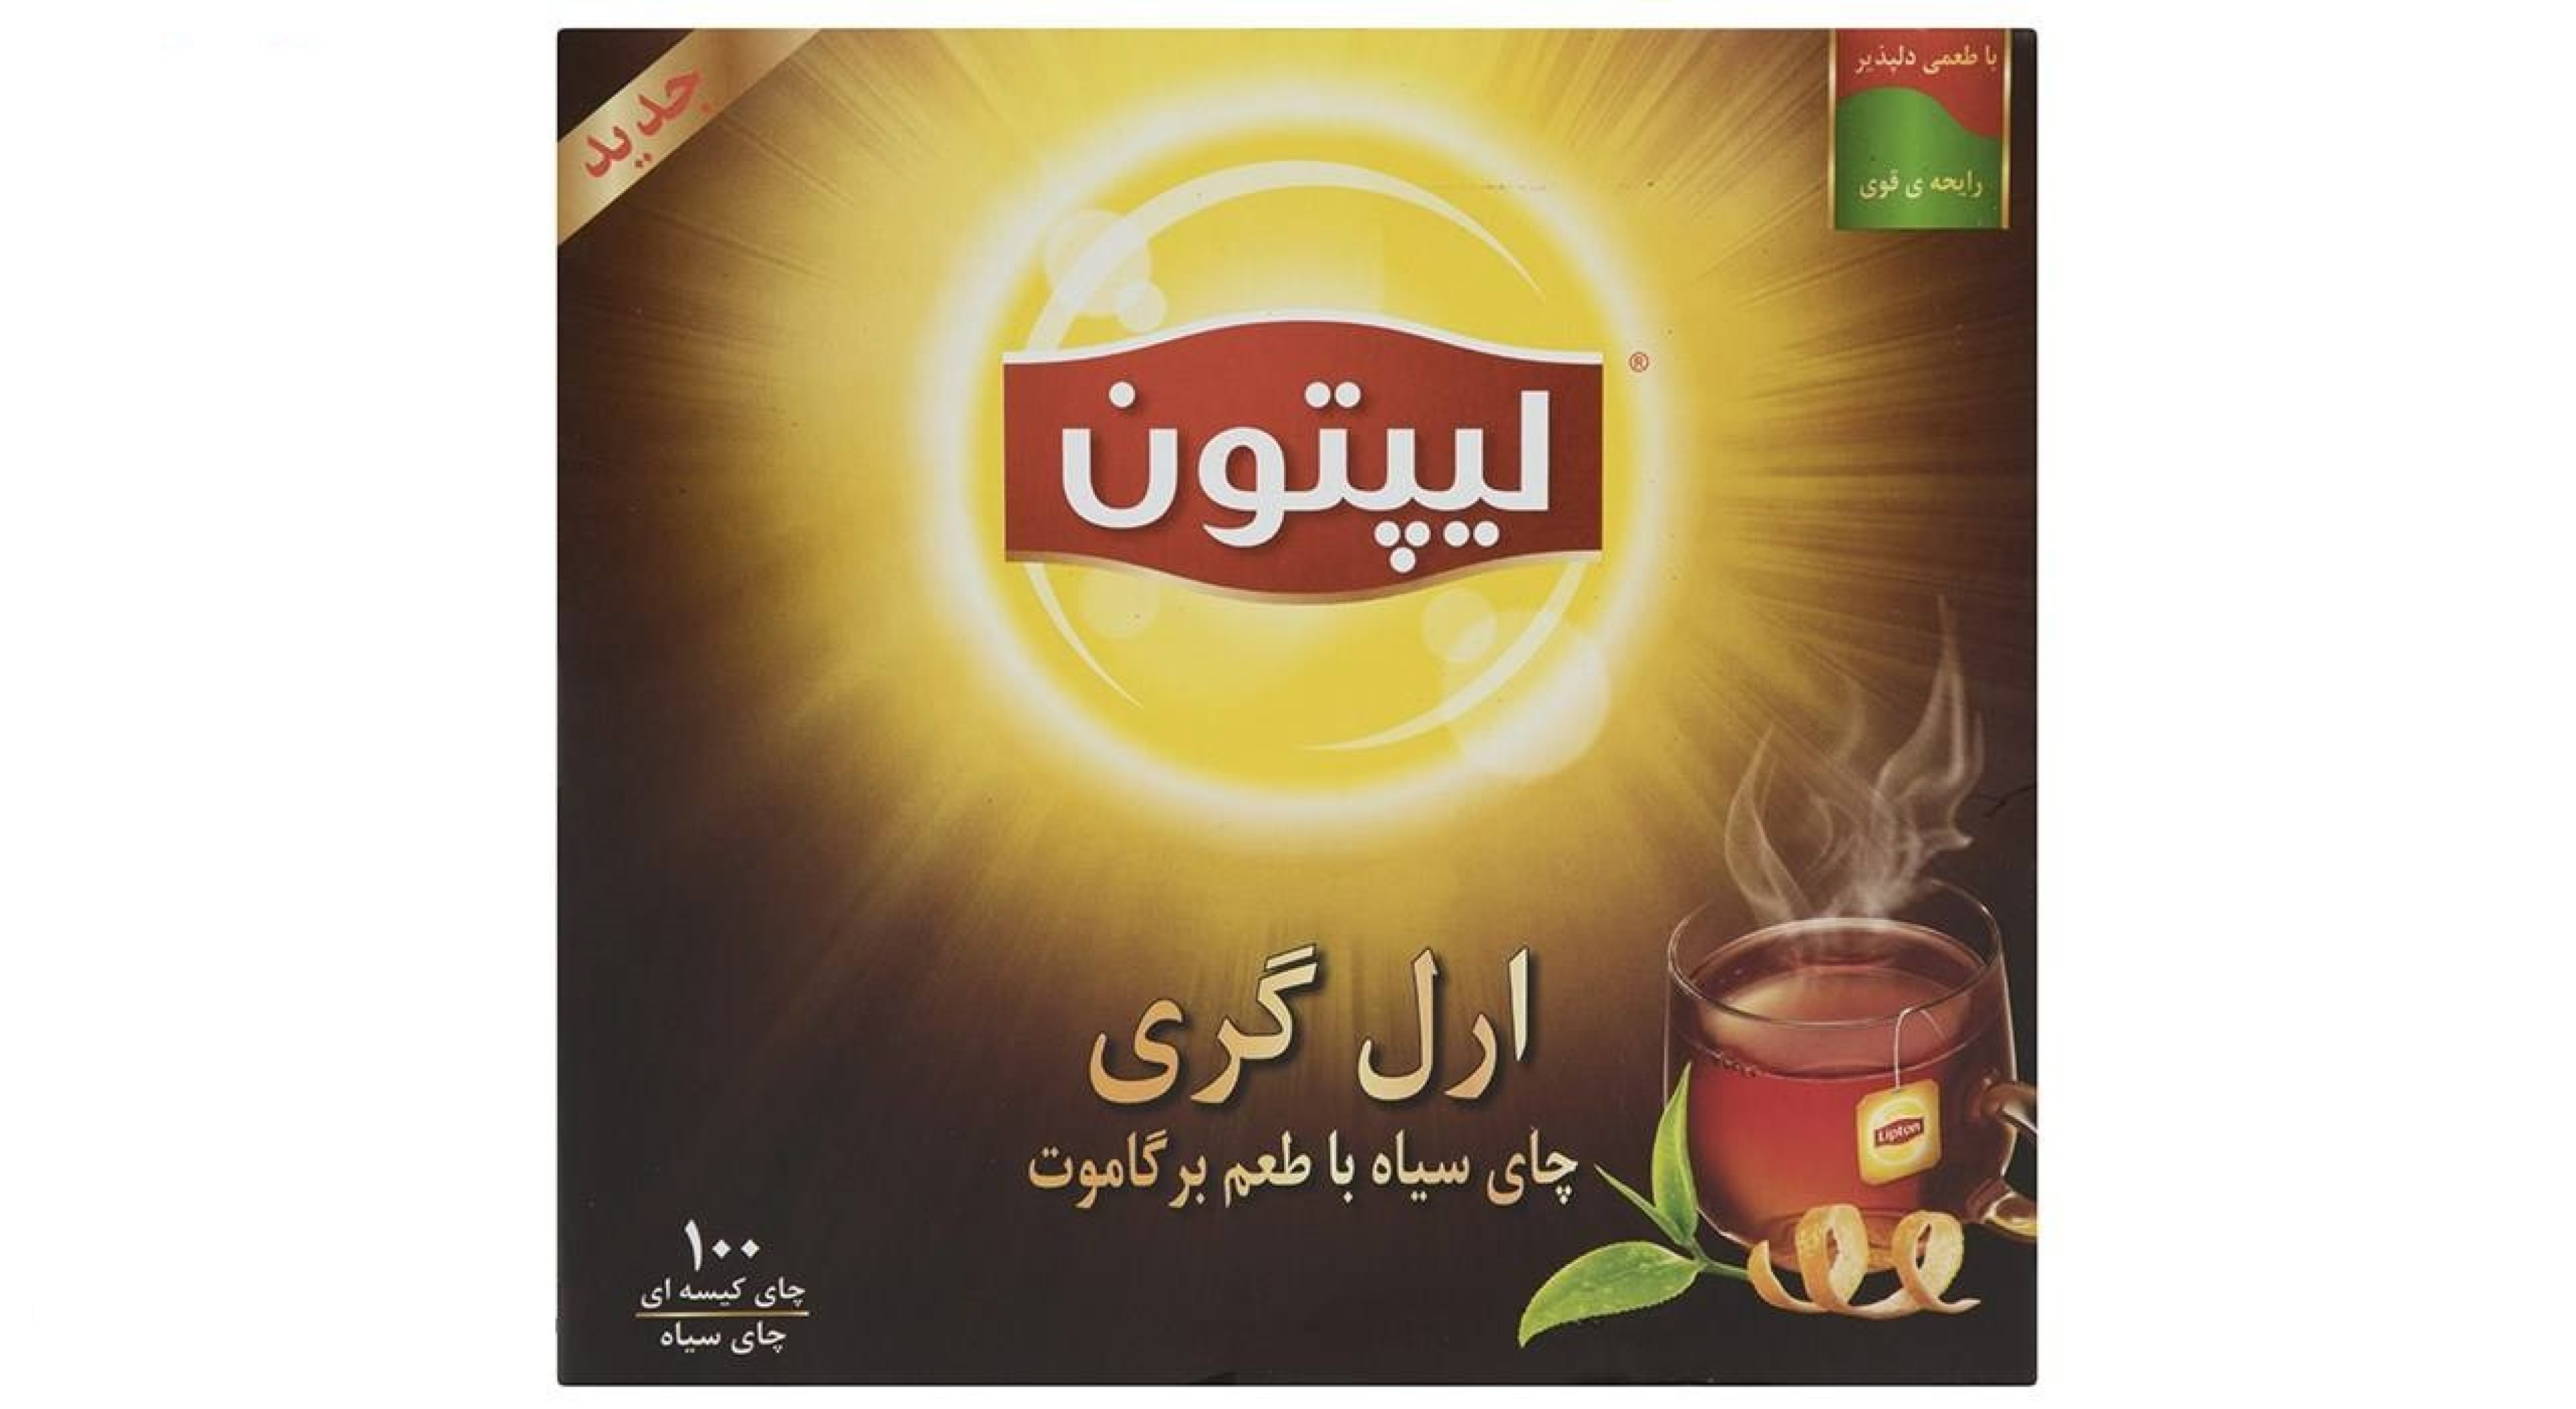 خرید آنلاین چای سیاه ارل گری 100 عددی لیپتون فروشگاه اینترنتی وجیسنک محصولات و دمنوش های گیاهی لیپتون lipton